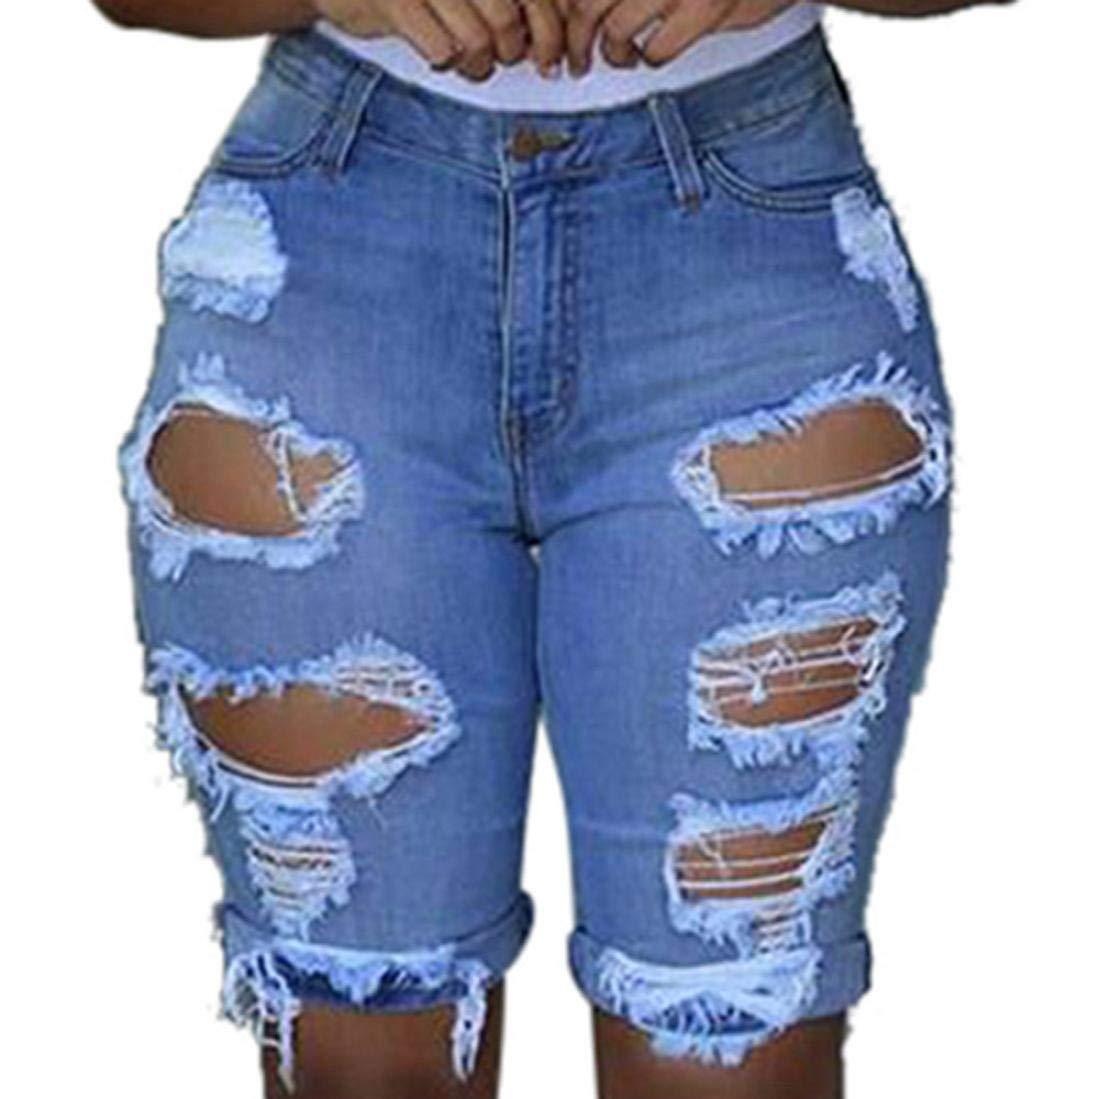 d8f1fd1a1a Machine Wash #### Yoga Pants Leggings Trouser Wide leg pants Rompers  jumpsuit Women's Jeans Jumpsuit Long Denim Trousers Strap Jeans Jumpsuits  Long Pants ...